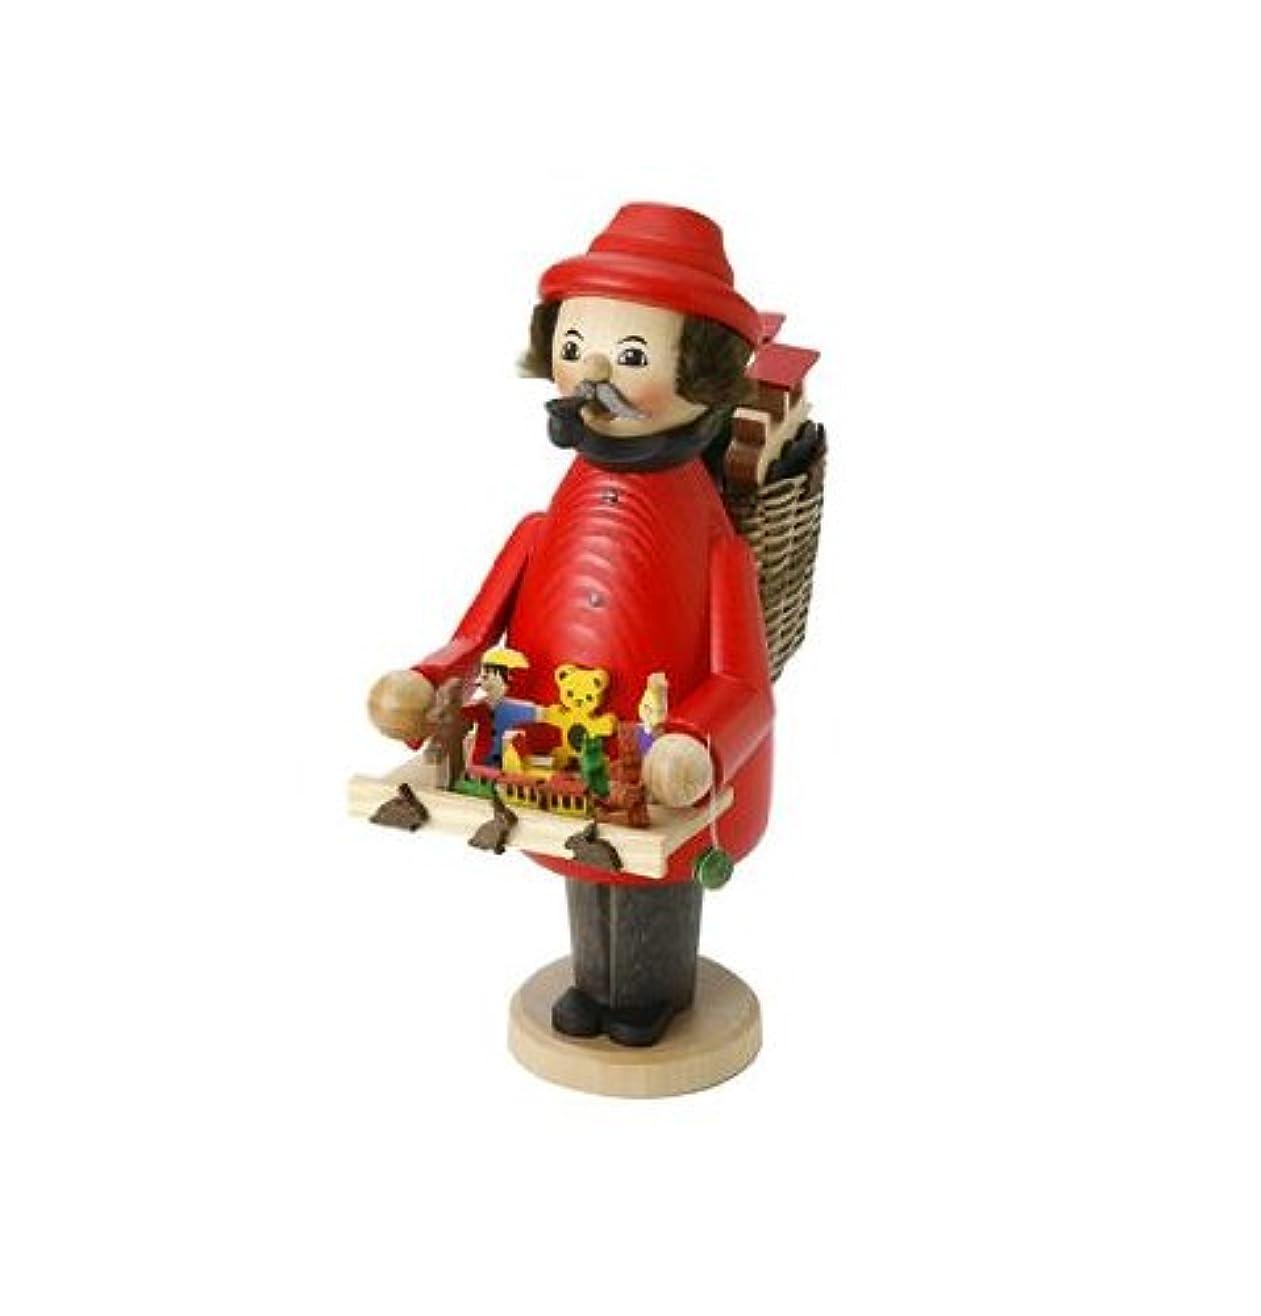 最悪担当者ガチョウミニパイプ人形香炉 おもちゃ売り